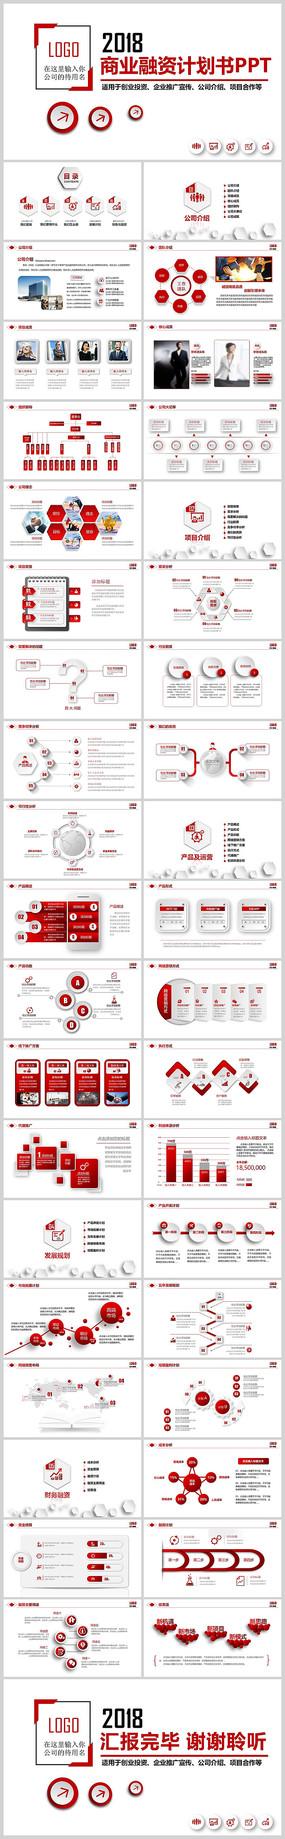 创意红色立体商业计划书PPT